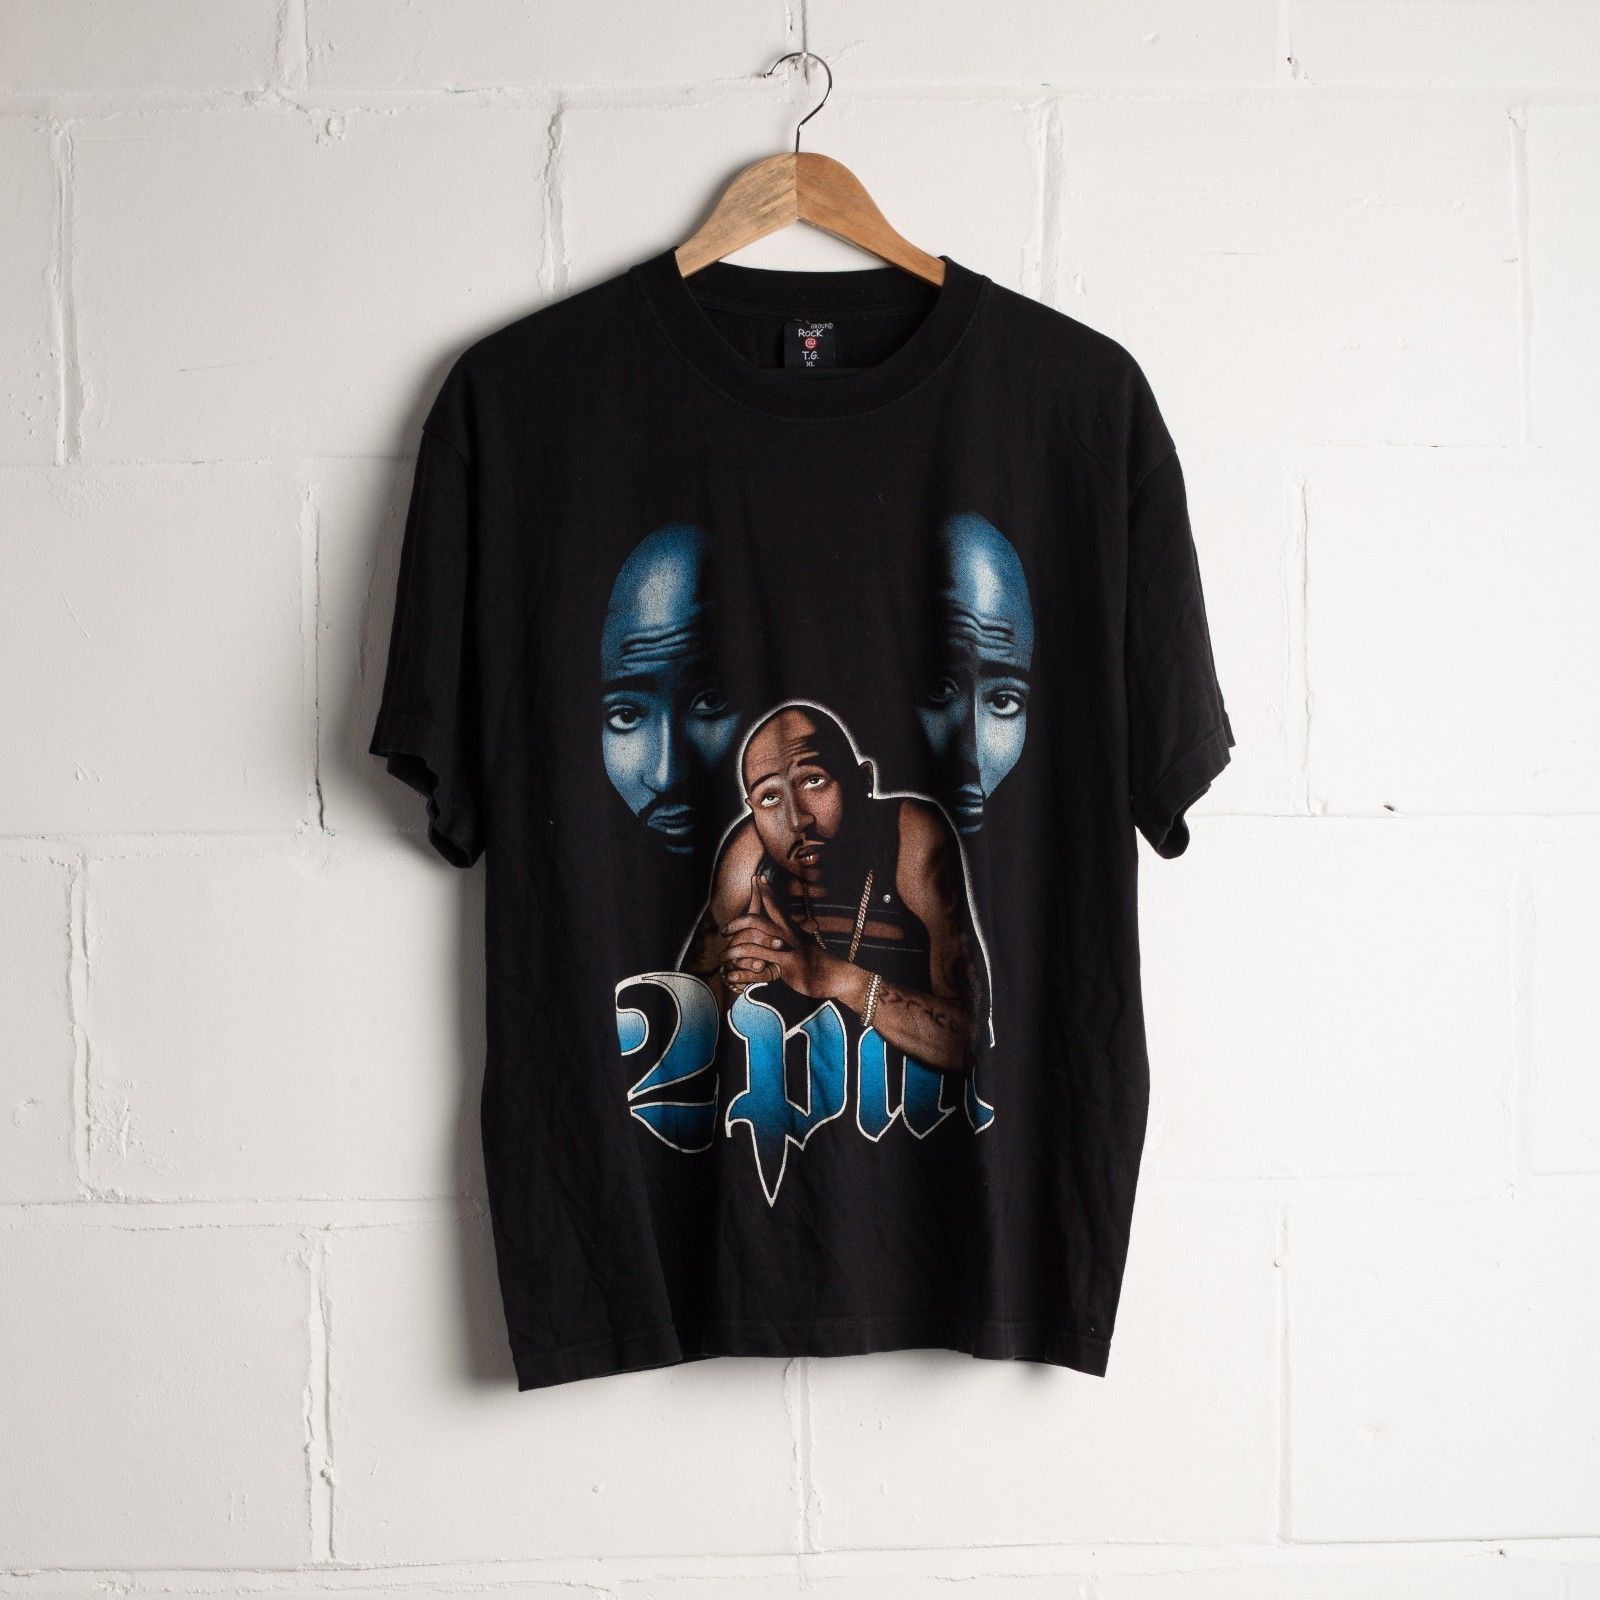 Vintage 90s Tupac Shakur 2pac Rap Hip Hop T Shirt Size Xl Odziez Buty I Dodatki Odziez Vintage Odziez Meska Vintage Eba Vintage Tshirts Mens Tops Shirts